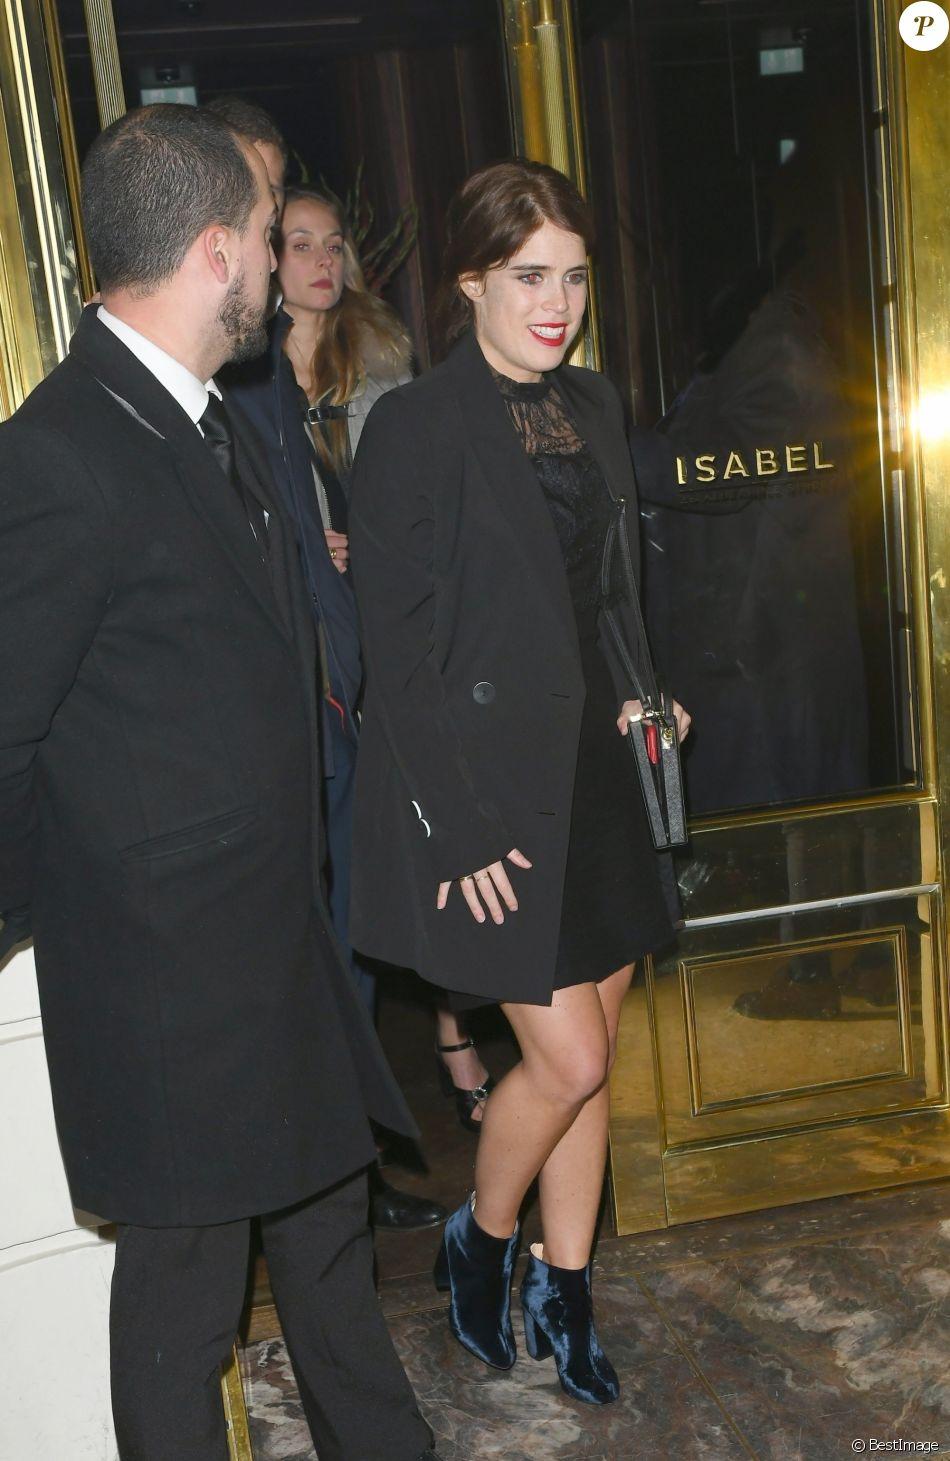 La princesse Eugenie d'York quittant la soirée privée Casamigos organisée au restaurant Isabel à Londres le 2 novembre 2018, sa première apparition depuis son mariage le 12 octobre avec Jack Brooksbank, ambassadeur de la marque de tequila de George Clooney et Rande Gerber.